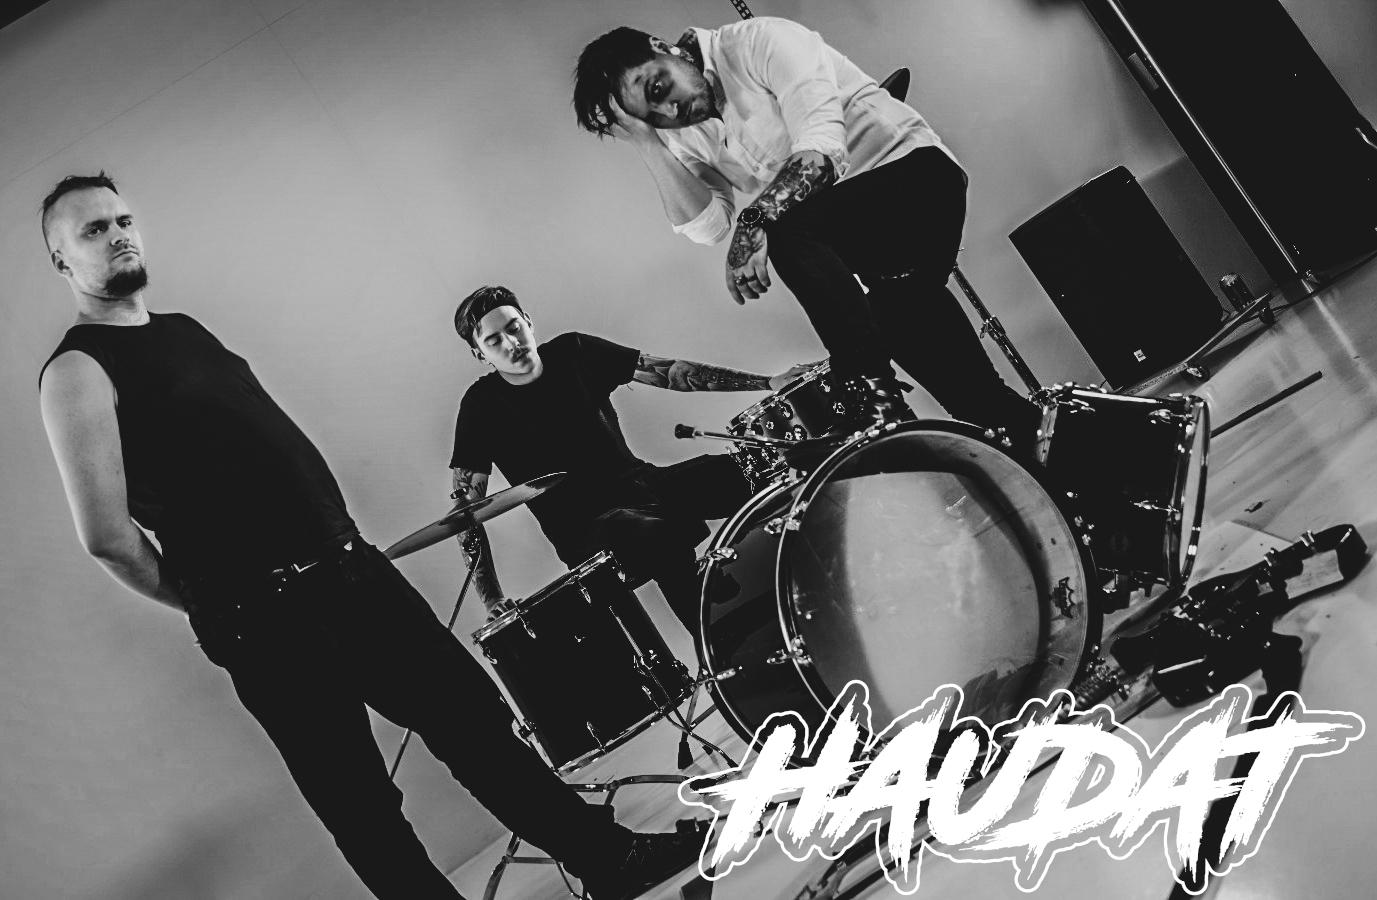 HAUDAT julkaisi ensimmäisen sinkun ja musiikkivideon